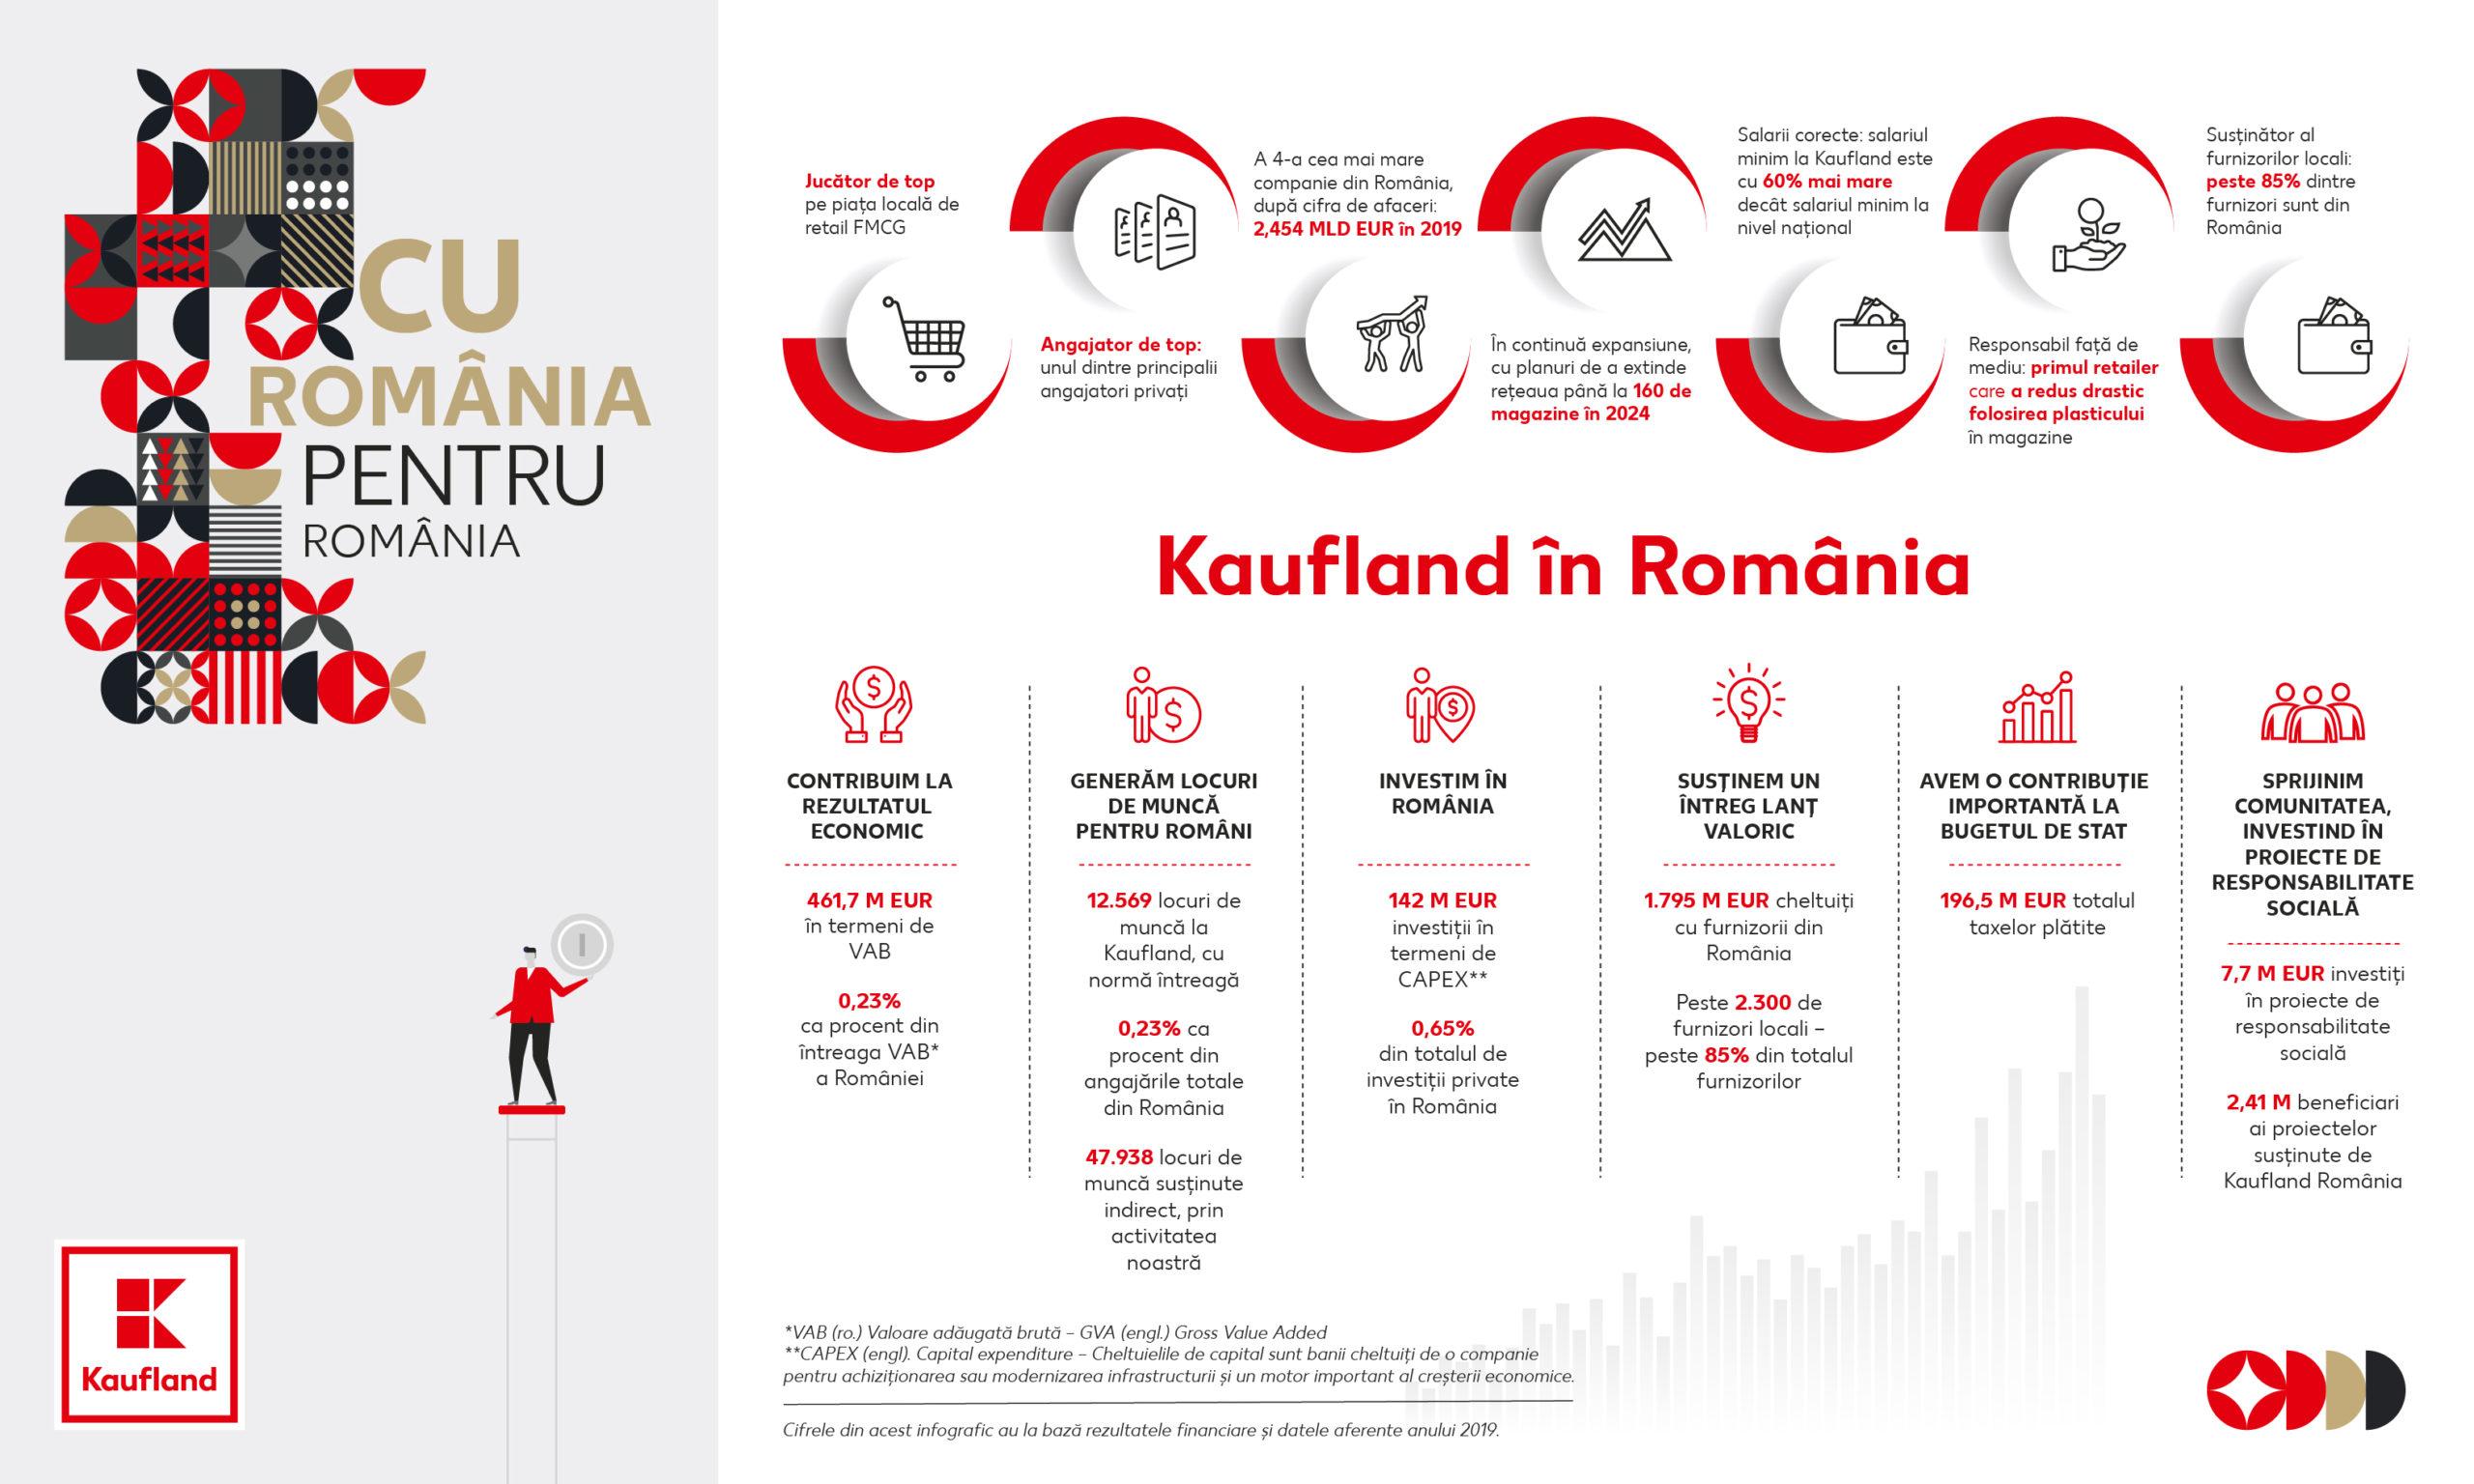 """Kaufland prezintă raportul """"Cu România, pentru România"""": 85% din produsele de la raft sunt româneşti; investiții de 40 de milioane de lei în programe de educație, sănătate, sport, cultură și de protecție a mediului"""